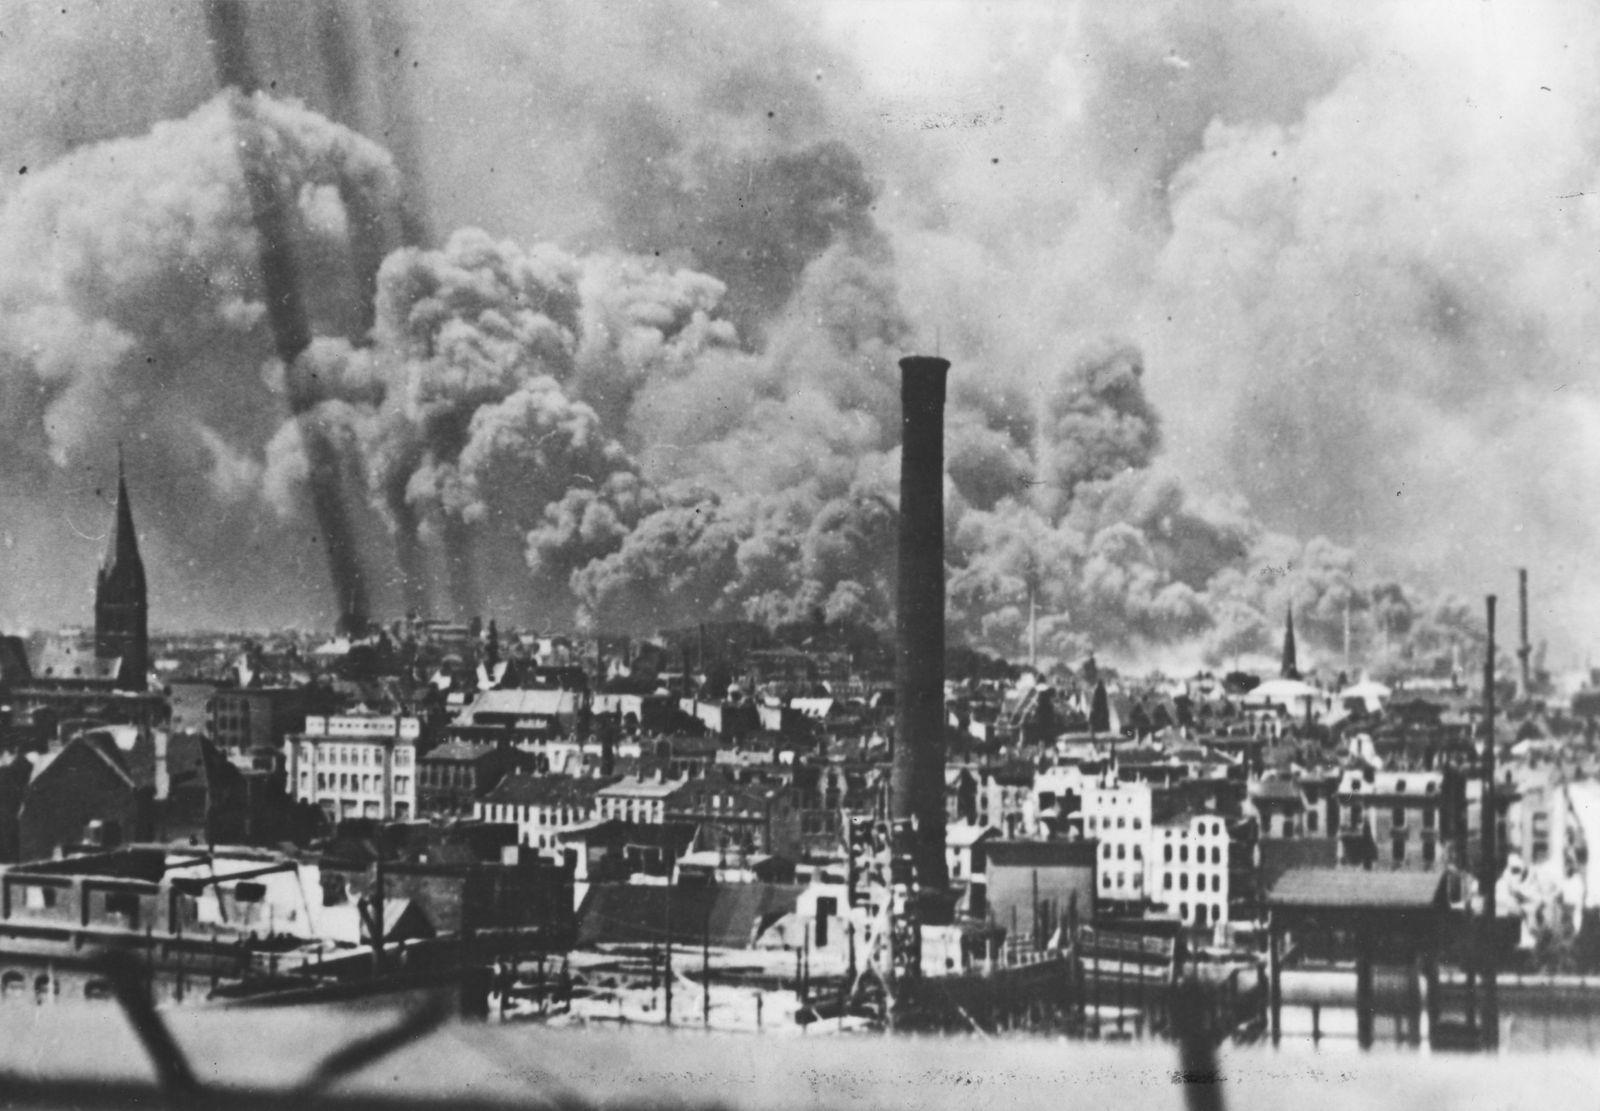 Zweiter Weltkrieg: Hamburg-Harburg nach einem Luftangriff